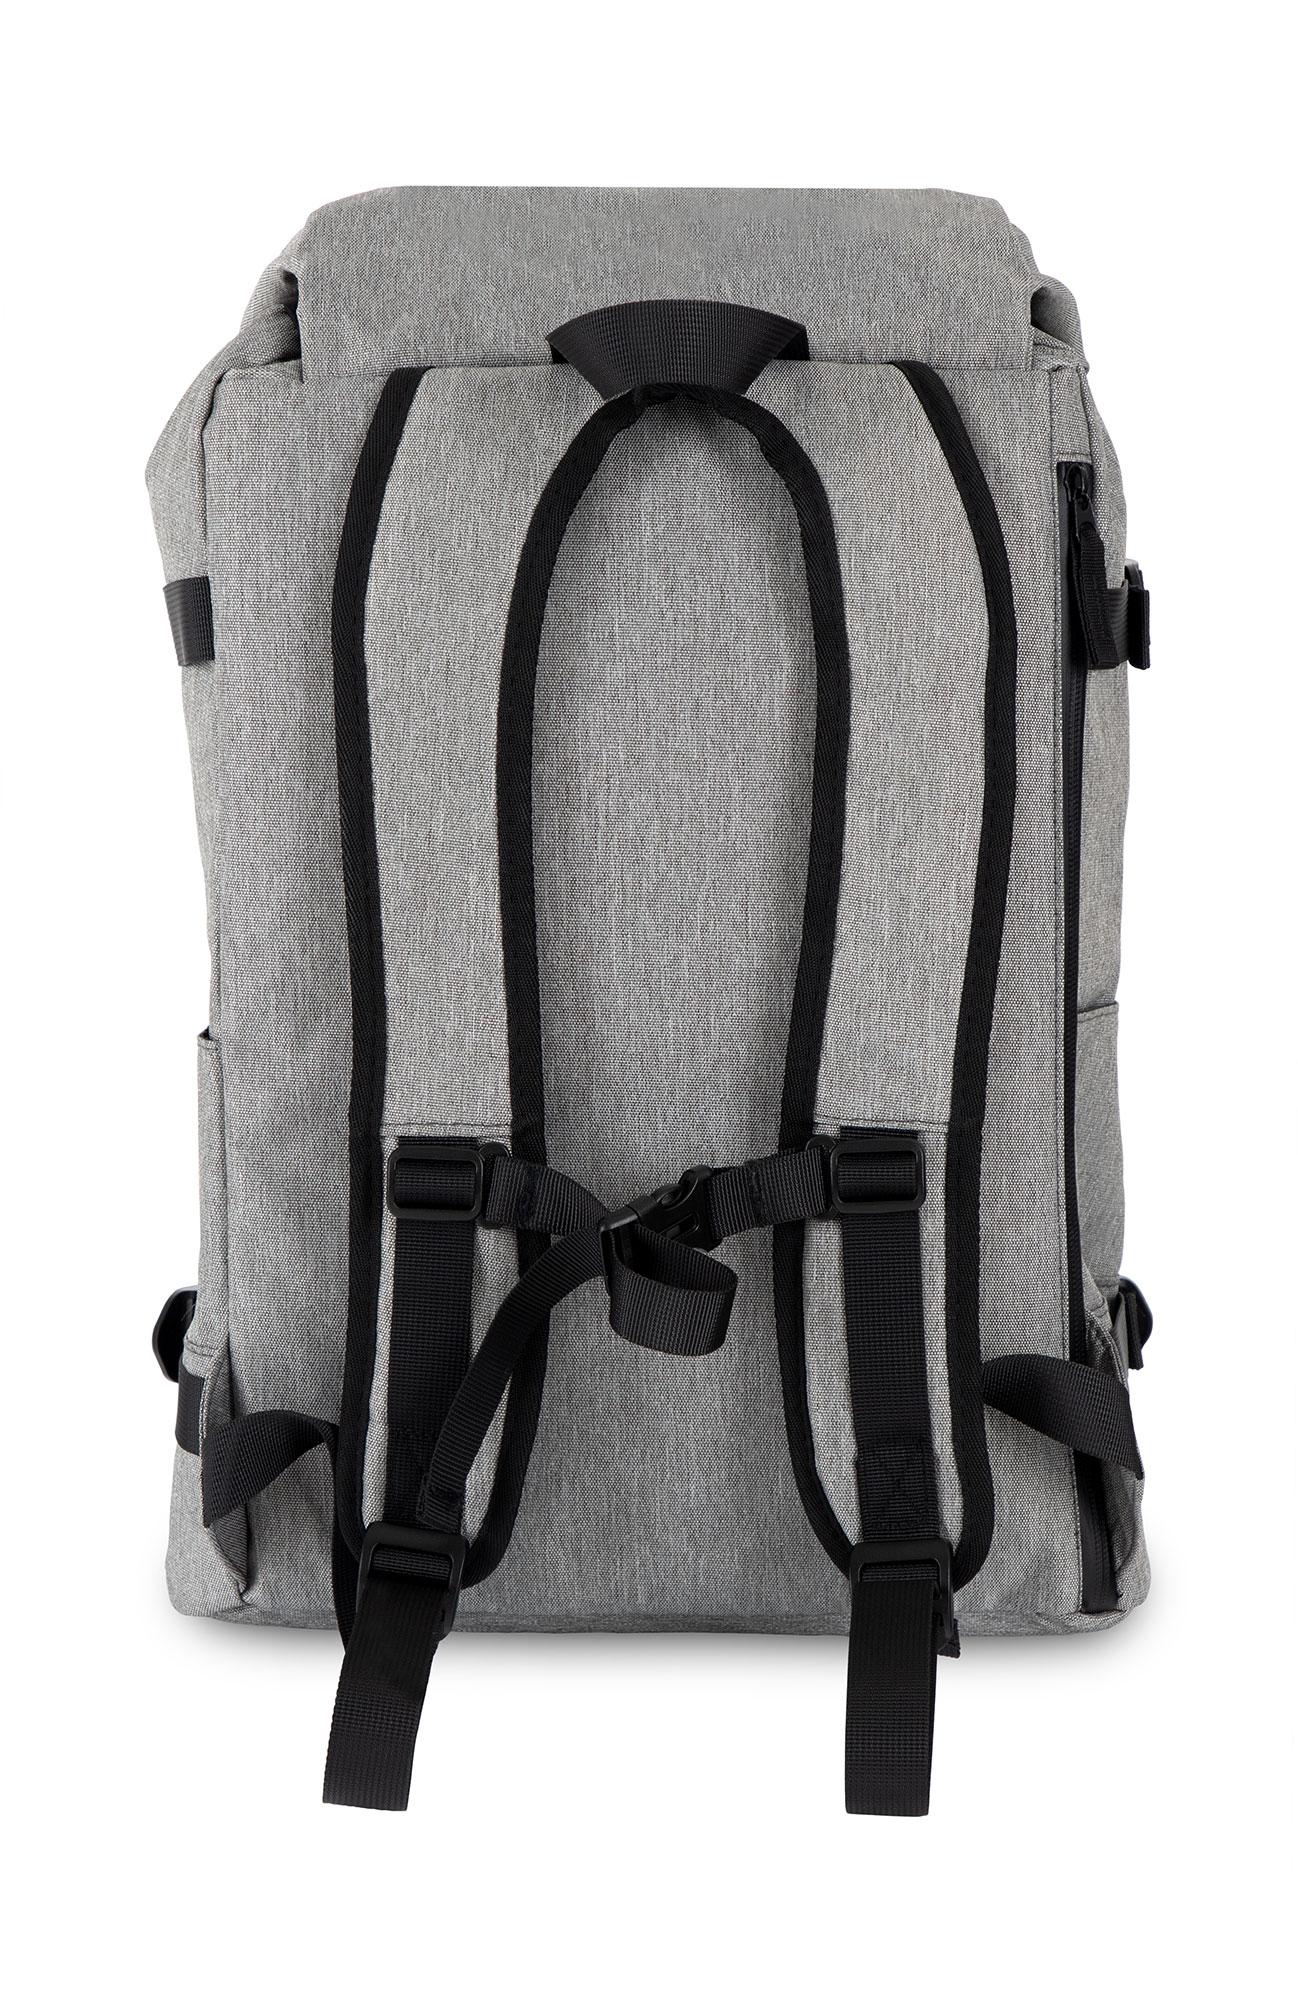 Sac-a-Dos-Backpack-Bandouliere-Ordinateur-Laptop-Ecole-Voyage-Unisexe-Gris miniature 4